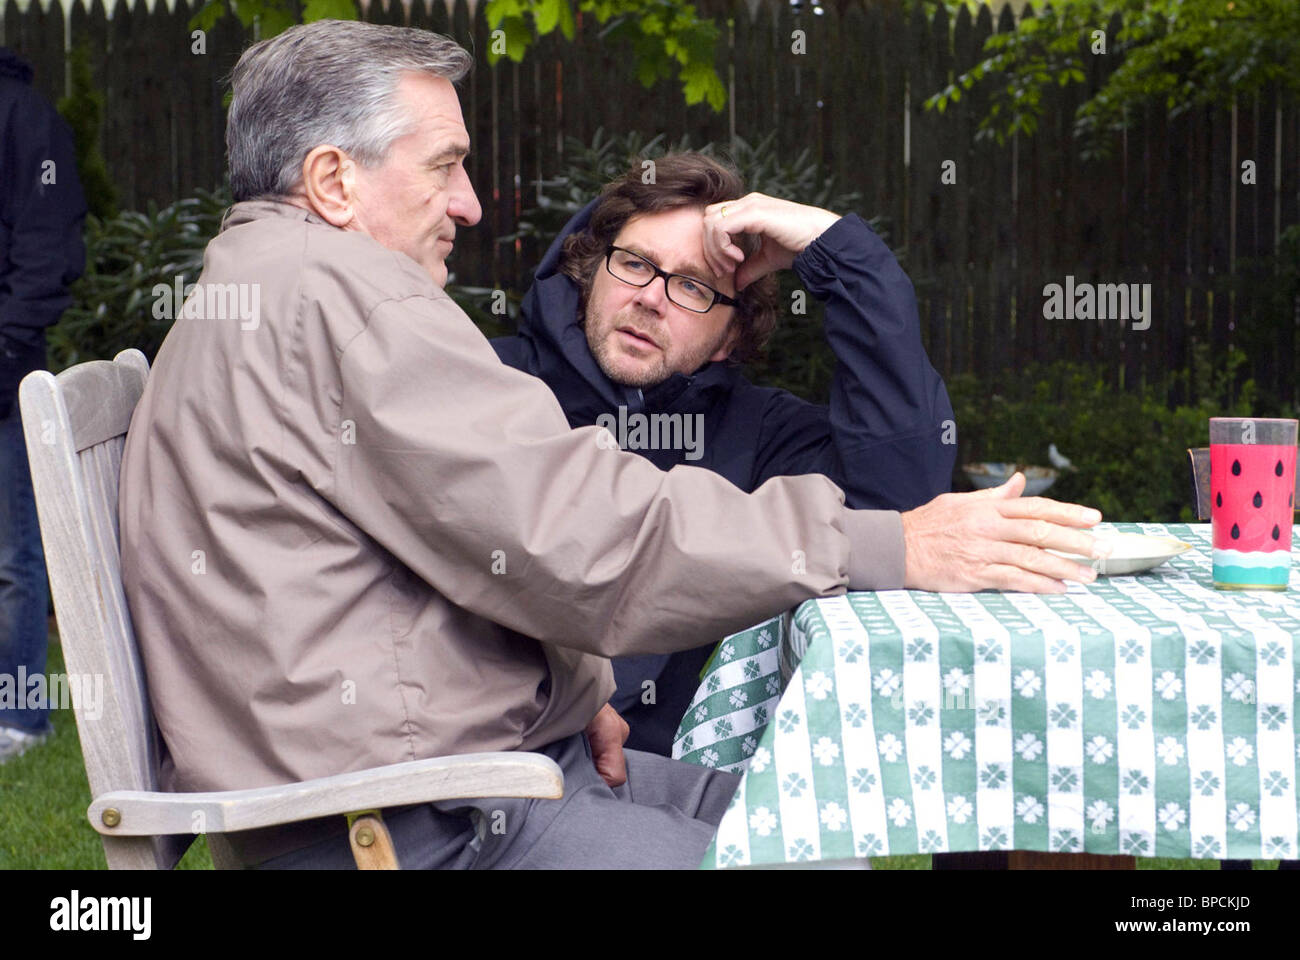 EVERYBODY'S FINE (2009) ROBERT DE NIRO KIRK JONES (DIR) 004 COLLECTION MOVIESTORE LTD Banque D'Images